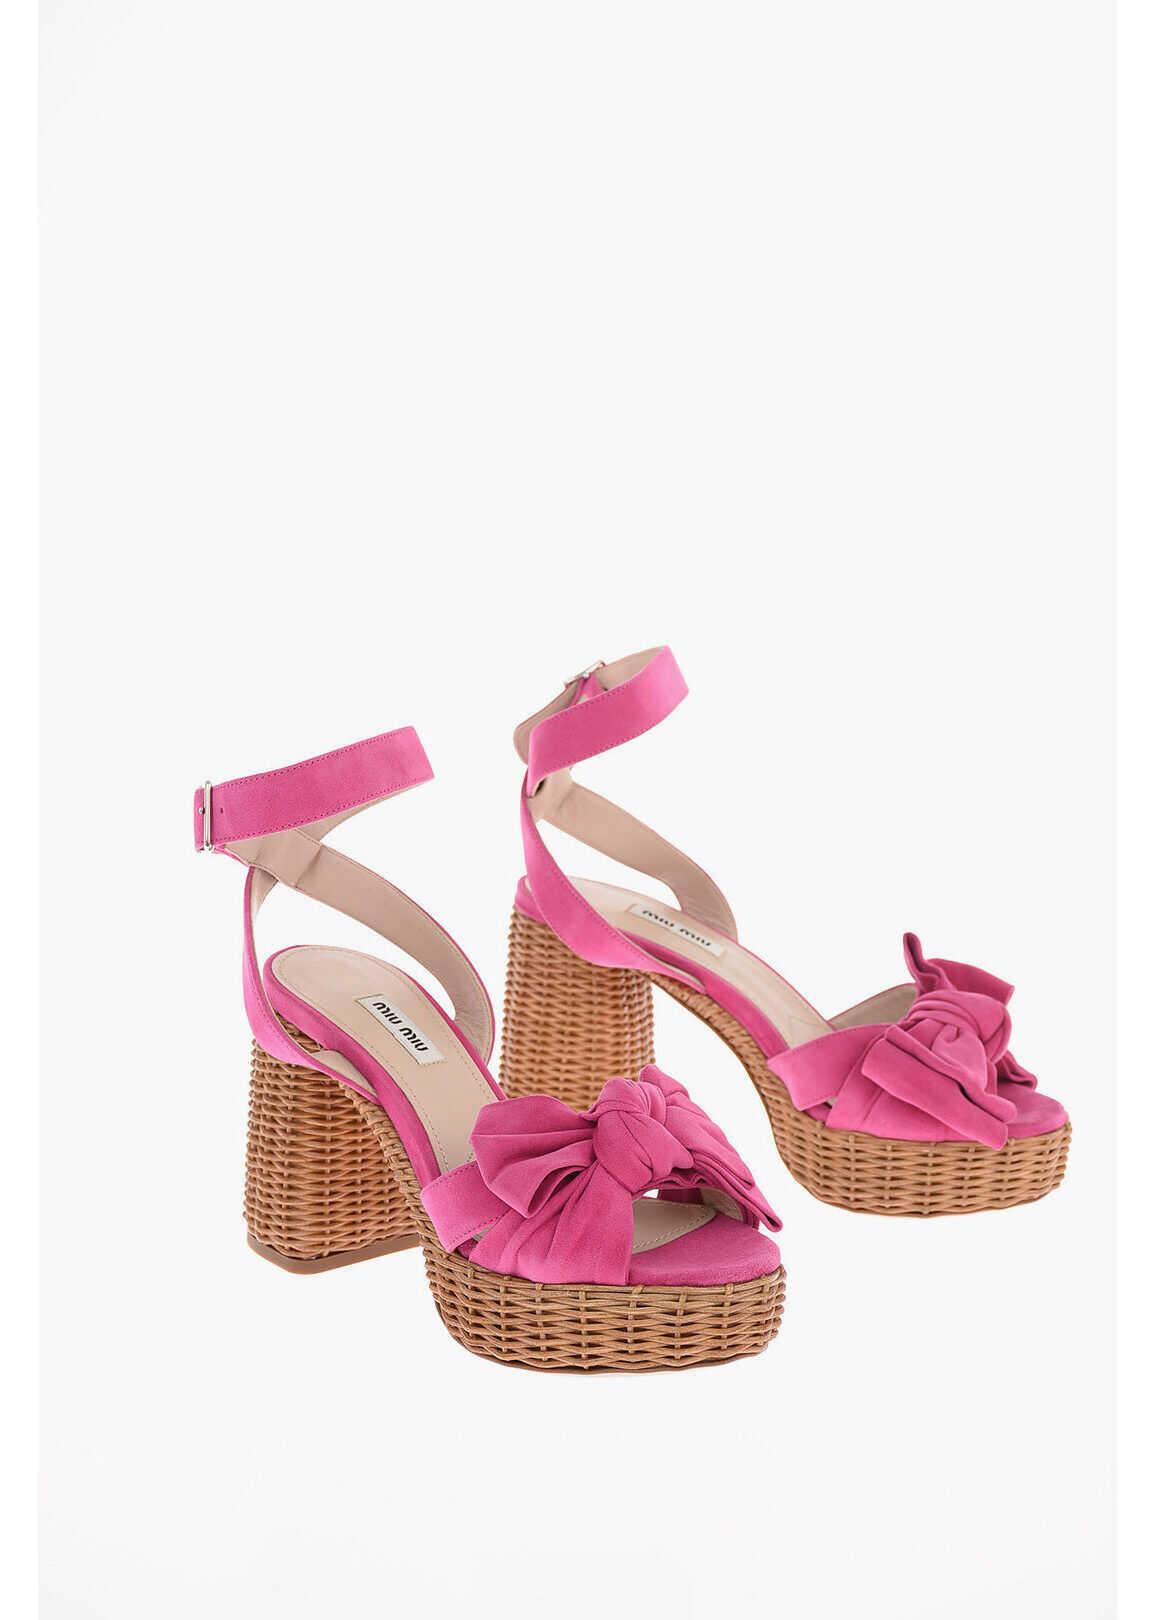 Miu Miu Suede Sandals with Wicker Sole 10cm PINK imagine b-mall.ro